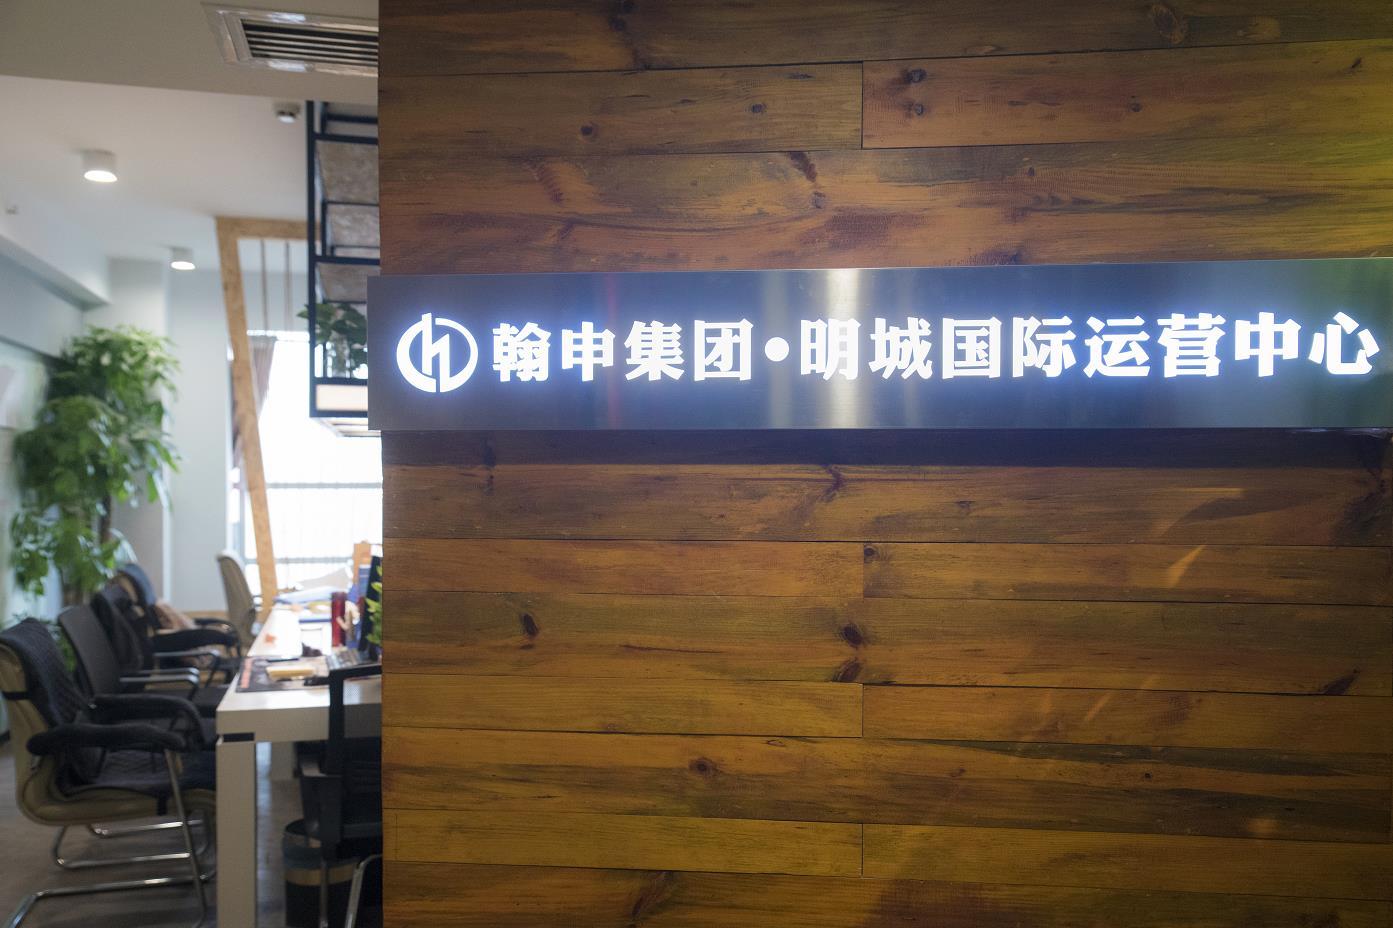 翰申集团明城国际运营中心